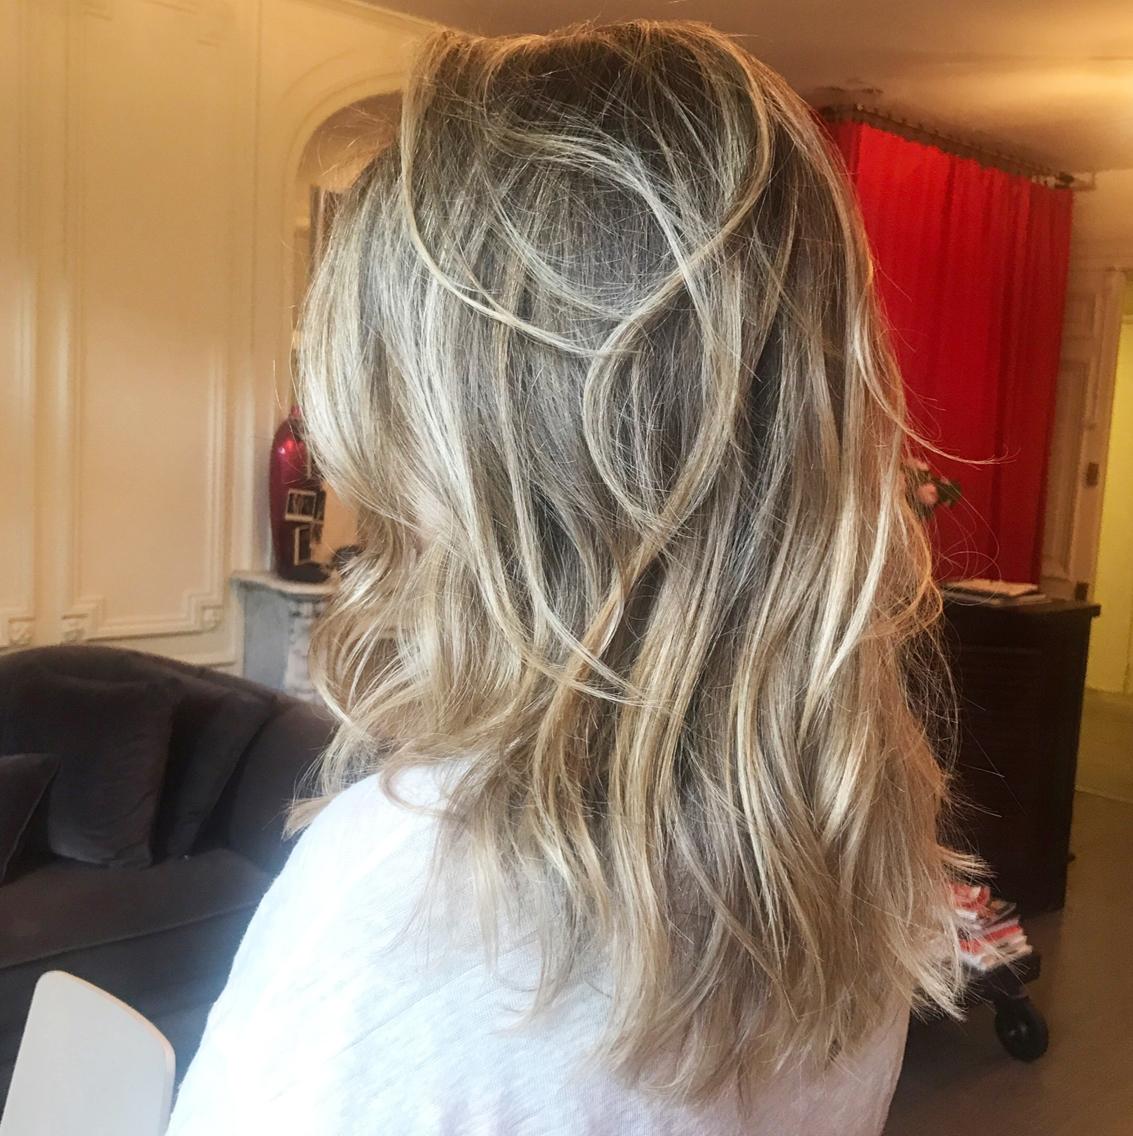 Coloration naturelle cheveux coiffeur clermont ferrand